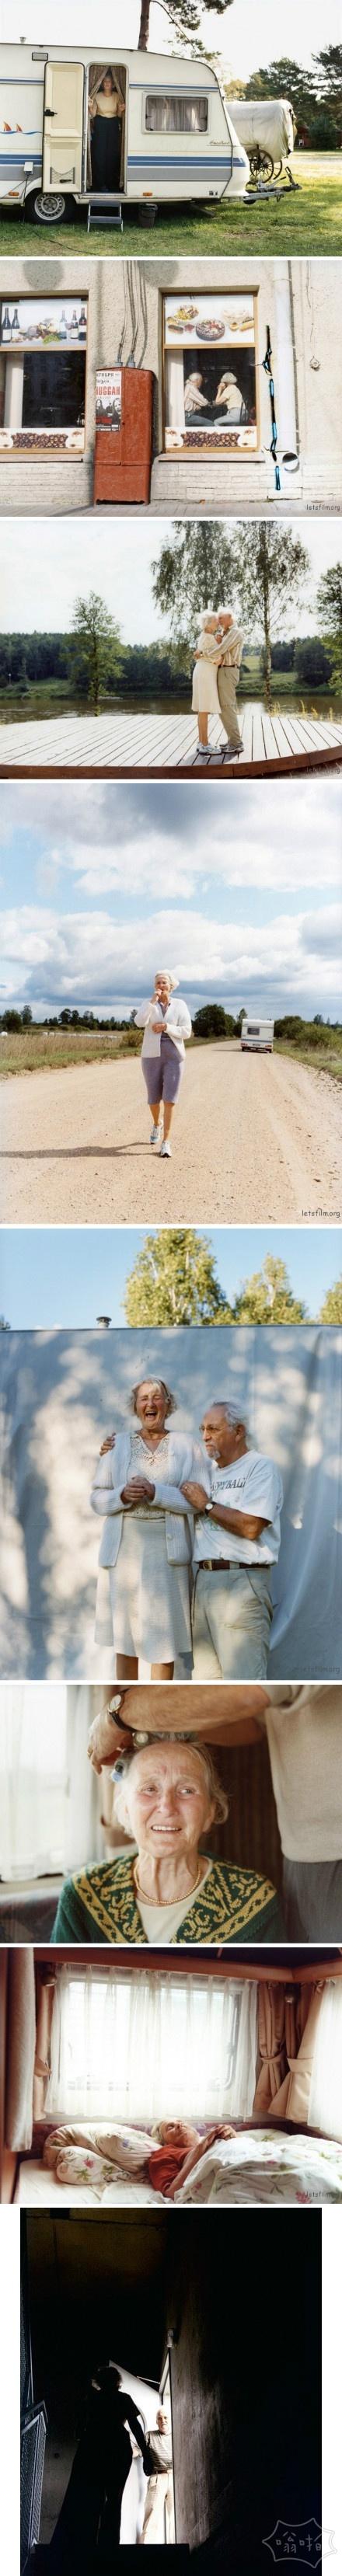 一对年迈夫妇的最后旅途时光